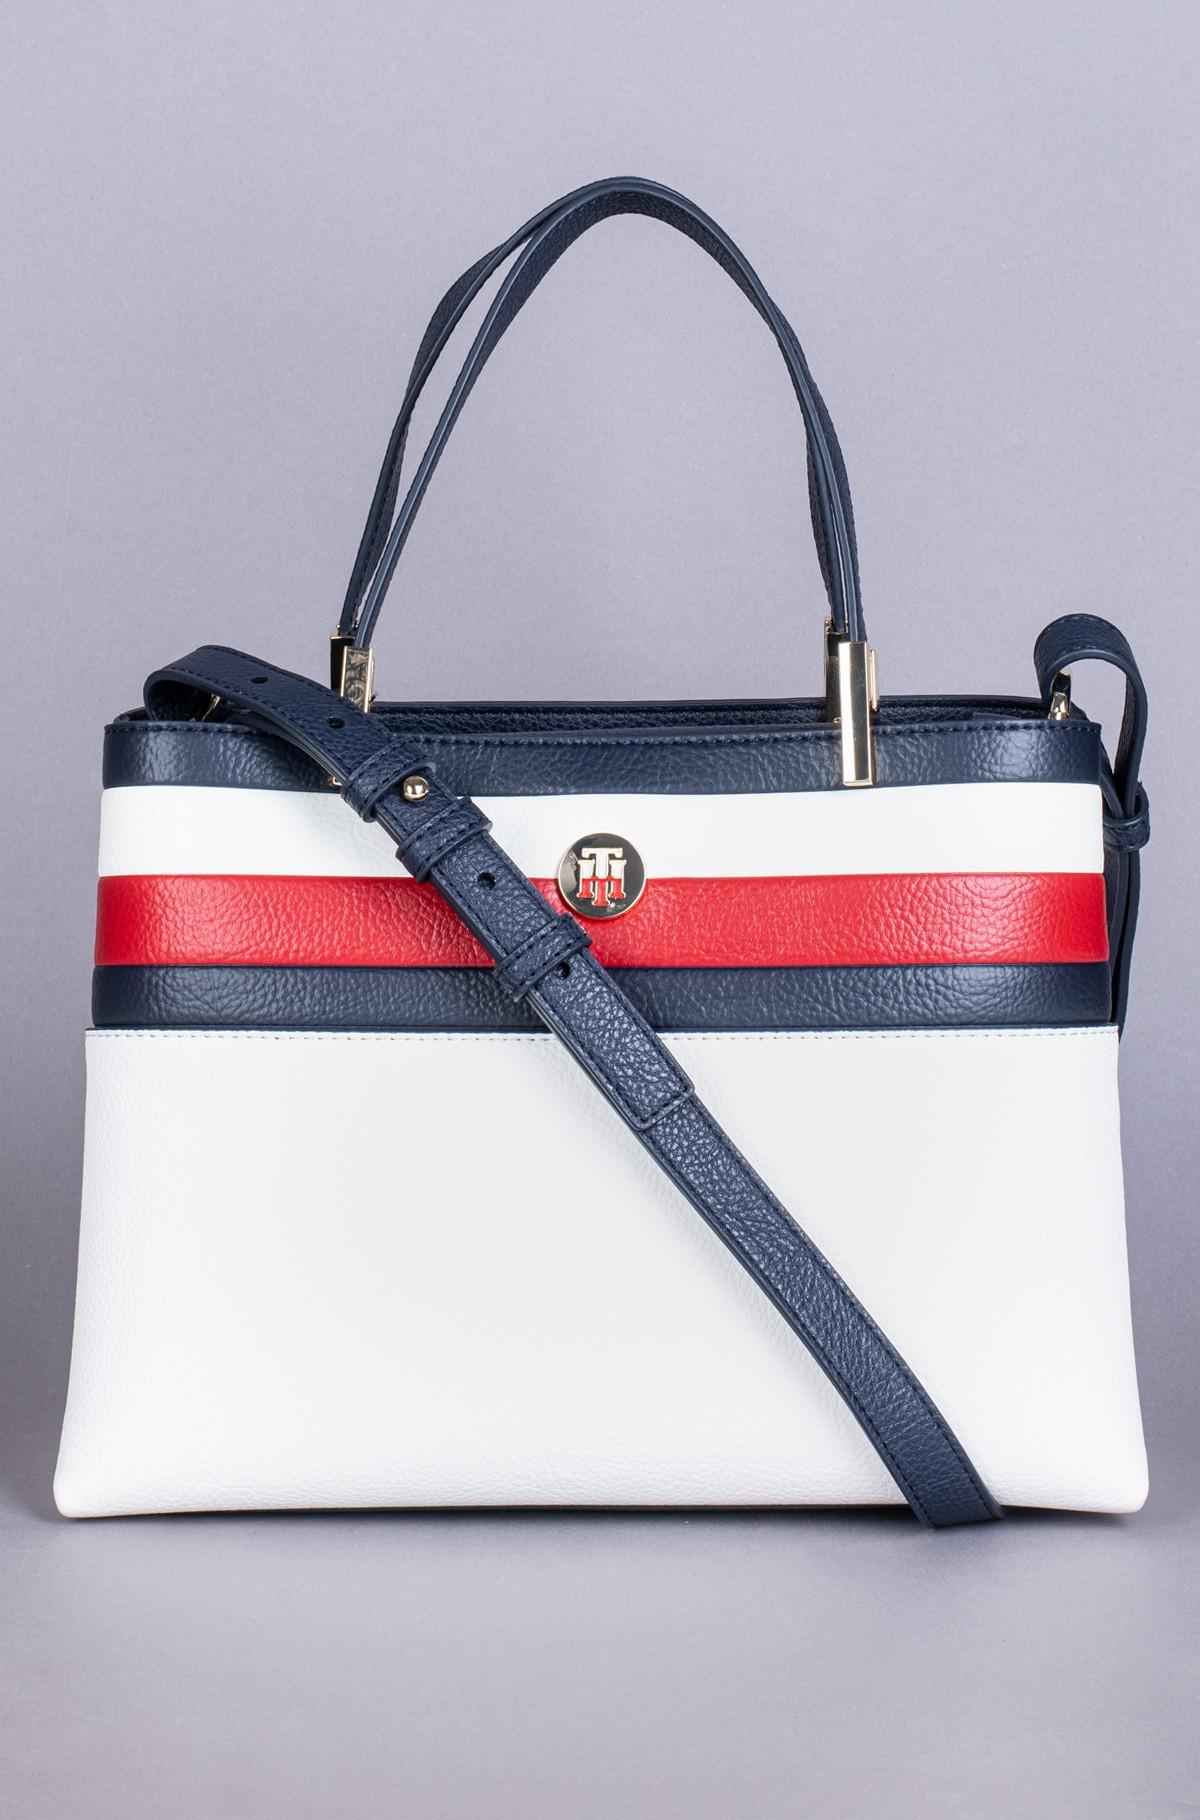 Handbag TH CORE MED SATCHEL CORP-full-1